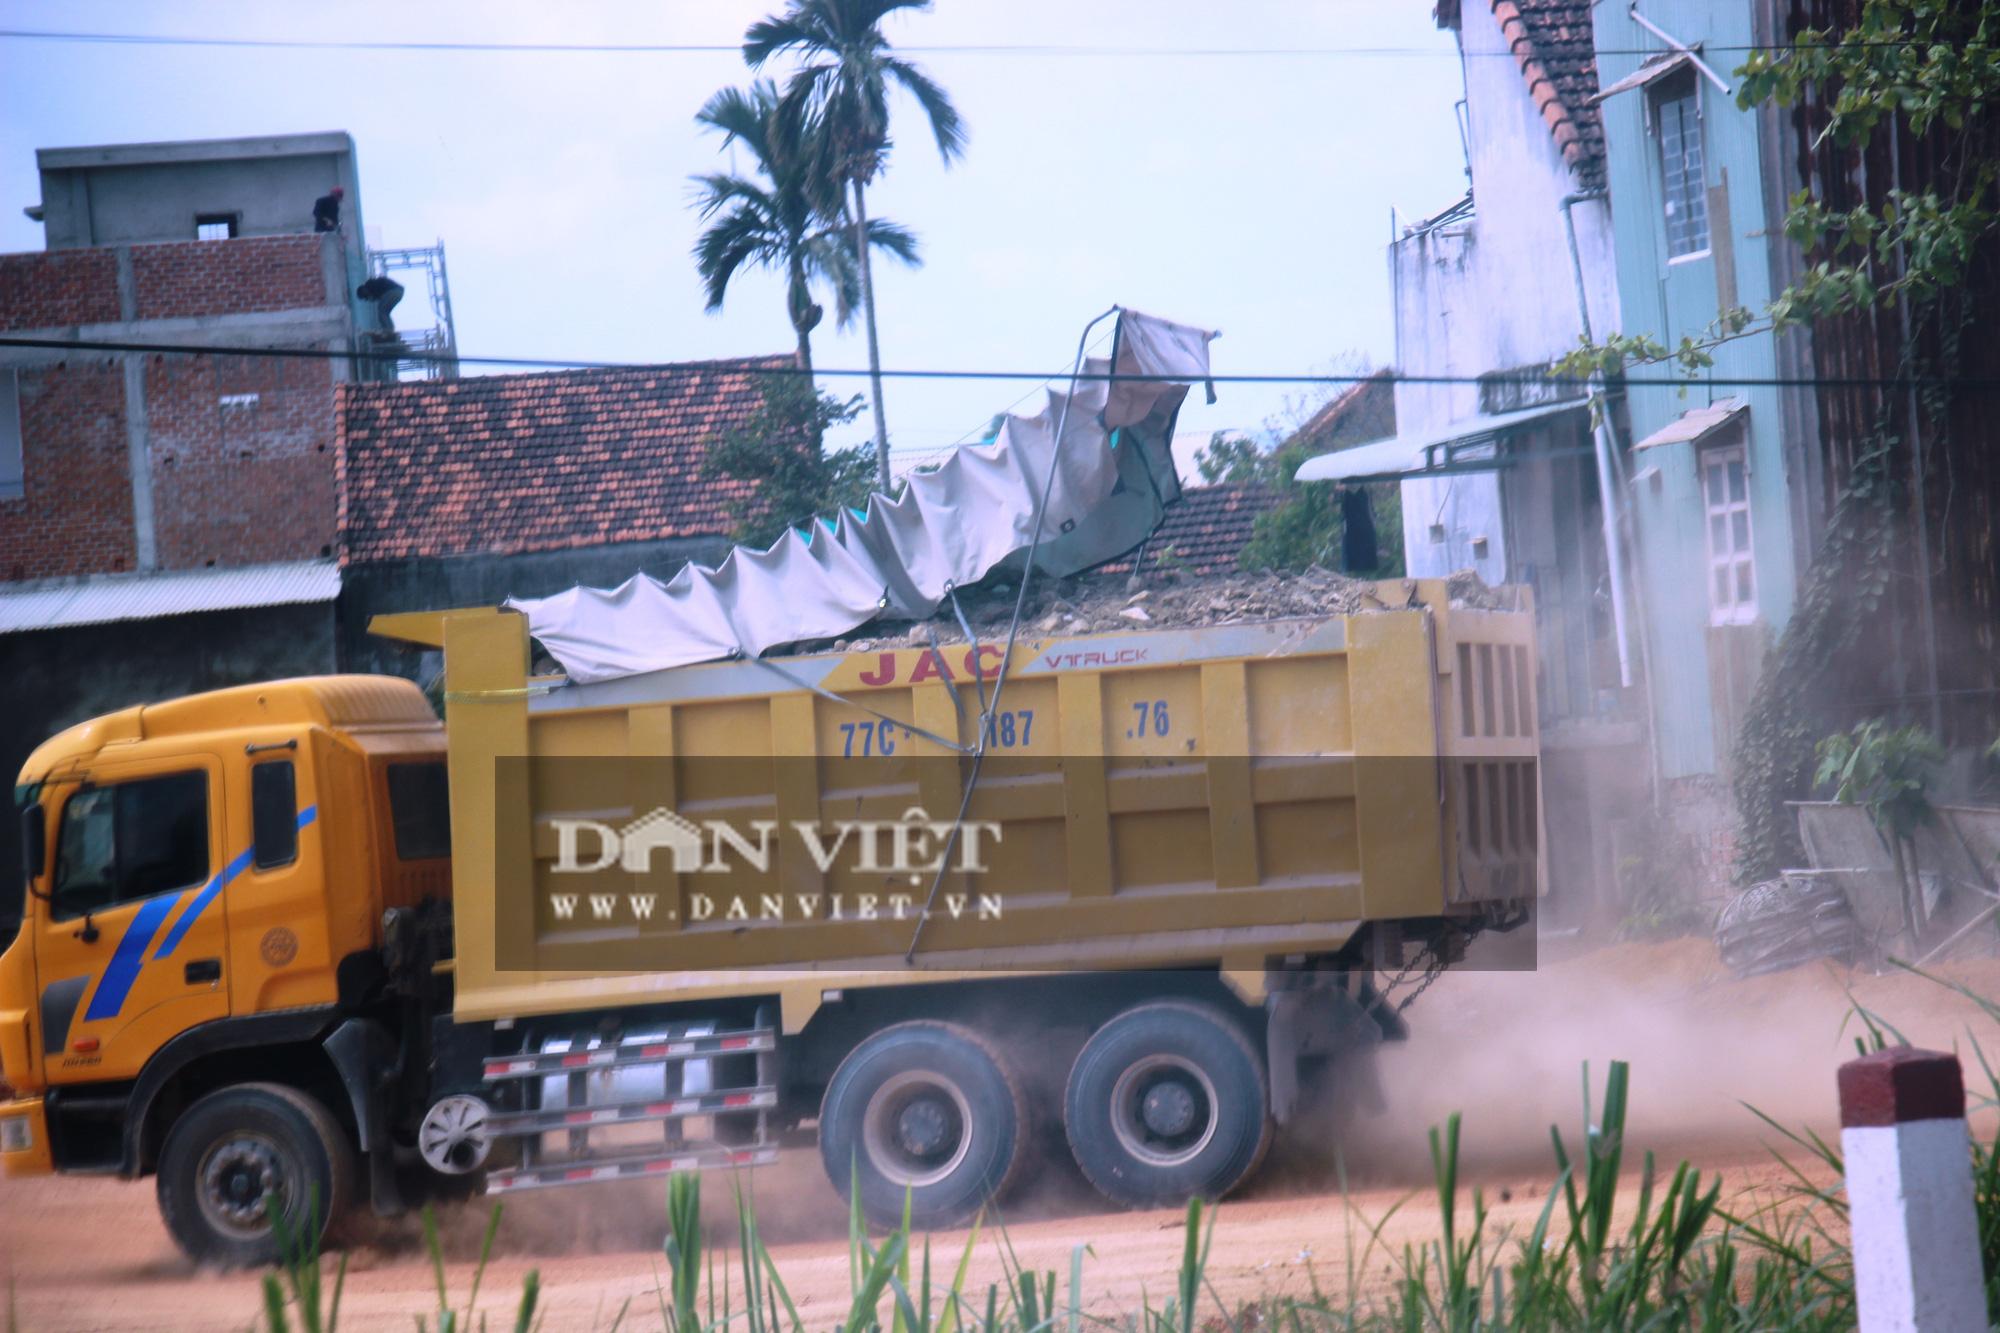 """Bình Định: Doanh nghiệp trúng thầu công trình nhà nước hơn 20 tỷ đồng """"vượt mặt"""" chính quyền - Ảnh 3."""